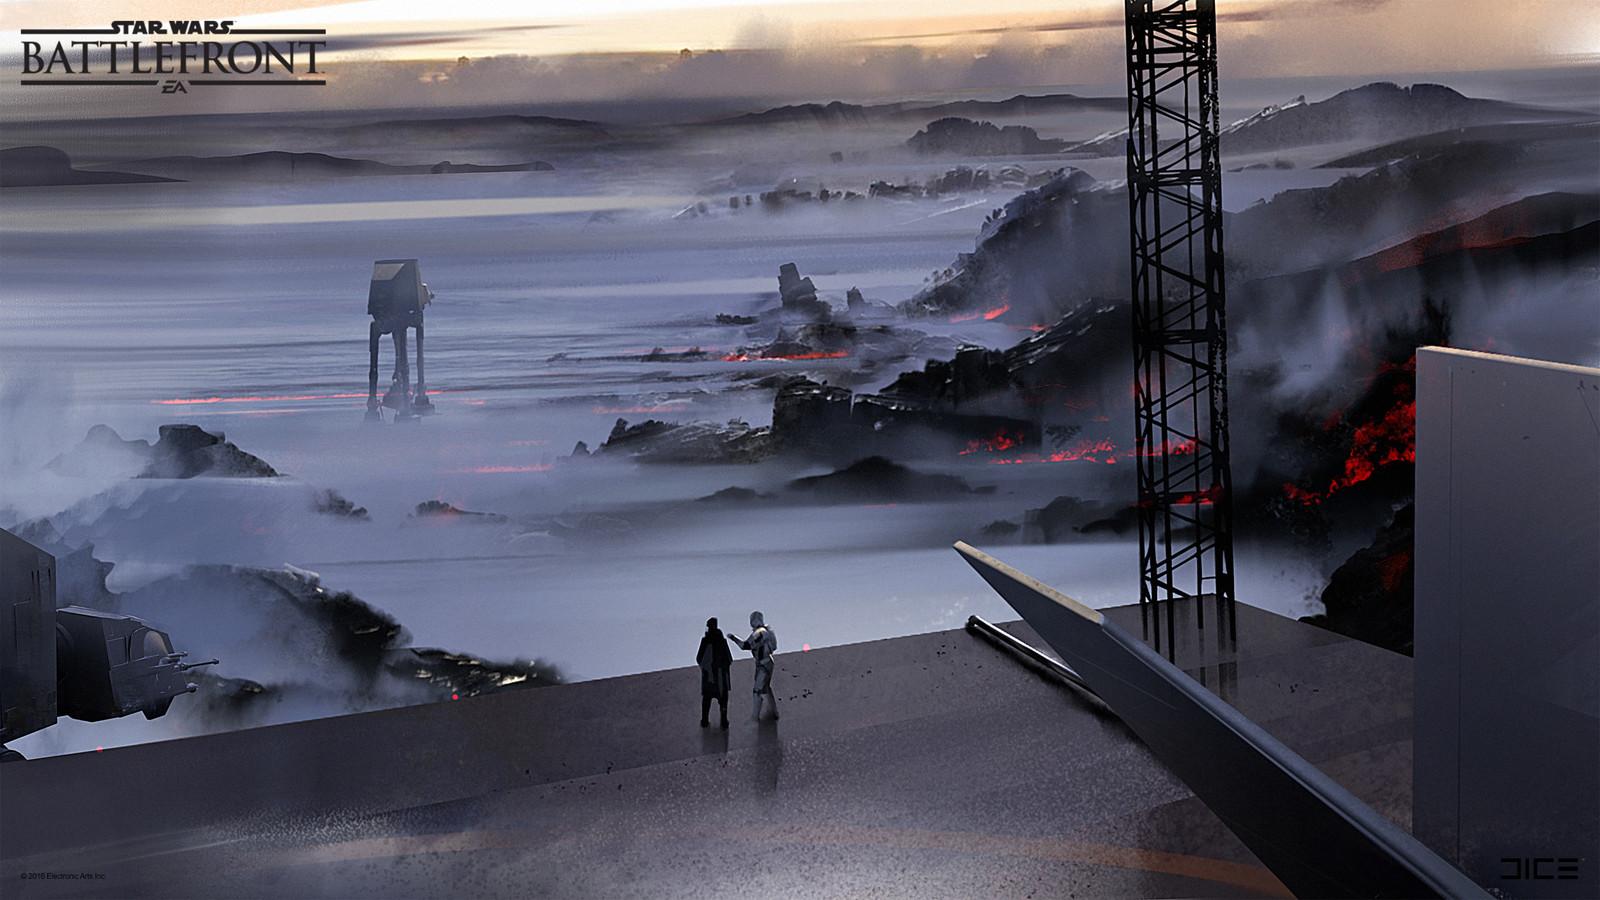 Sullust Concept Art exploration for the 2015 Star Wars Battlefront game. (2013)